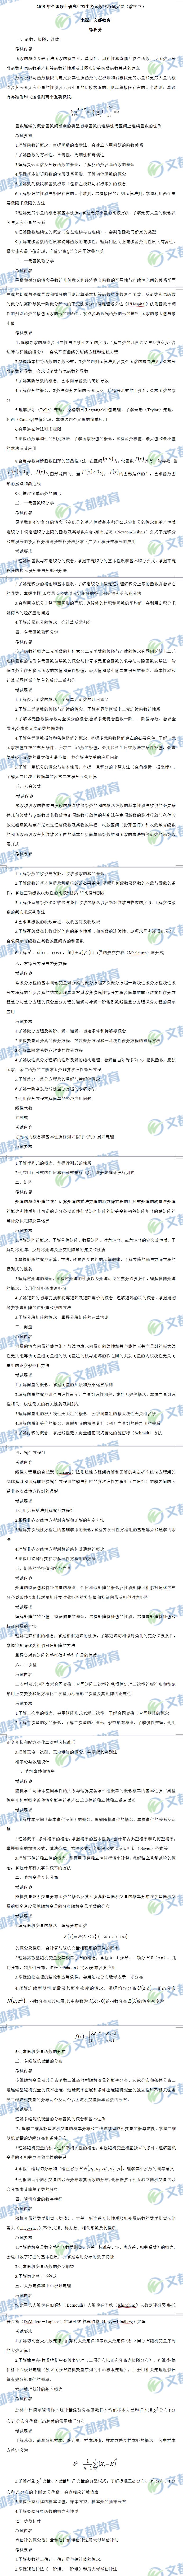 2019考研数学三大纲原文(PDF完整版)